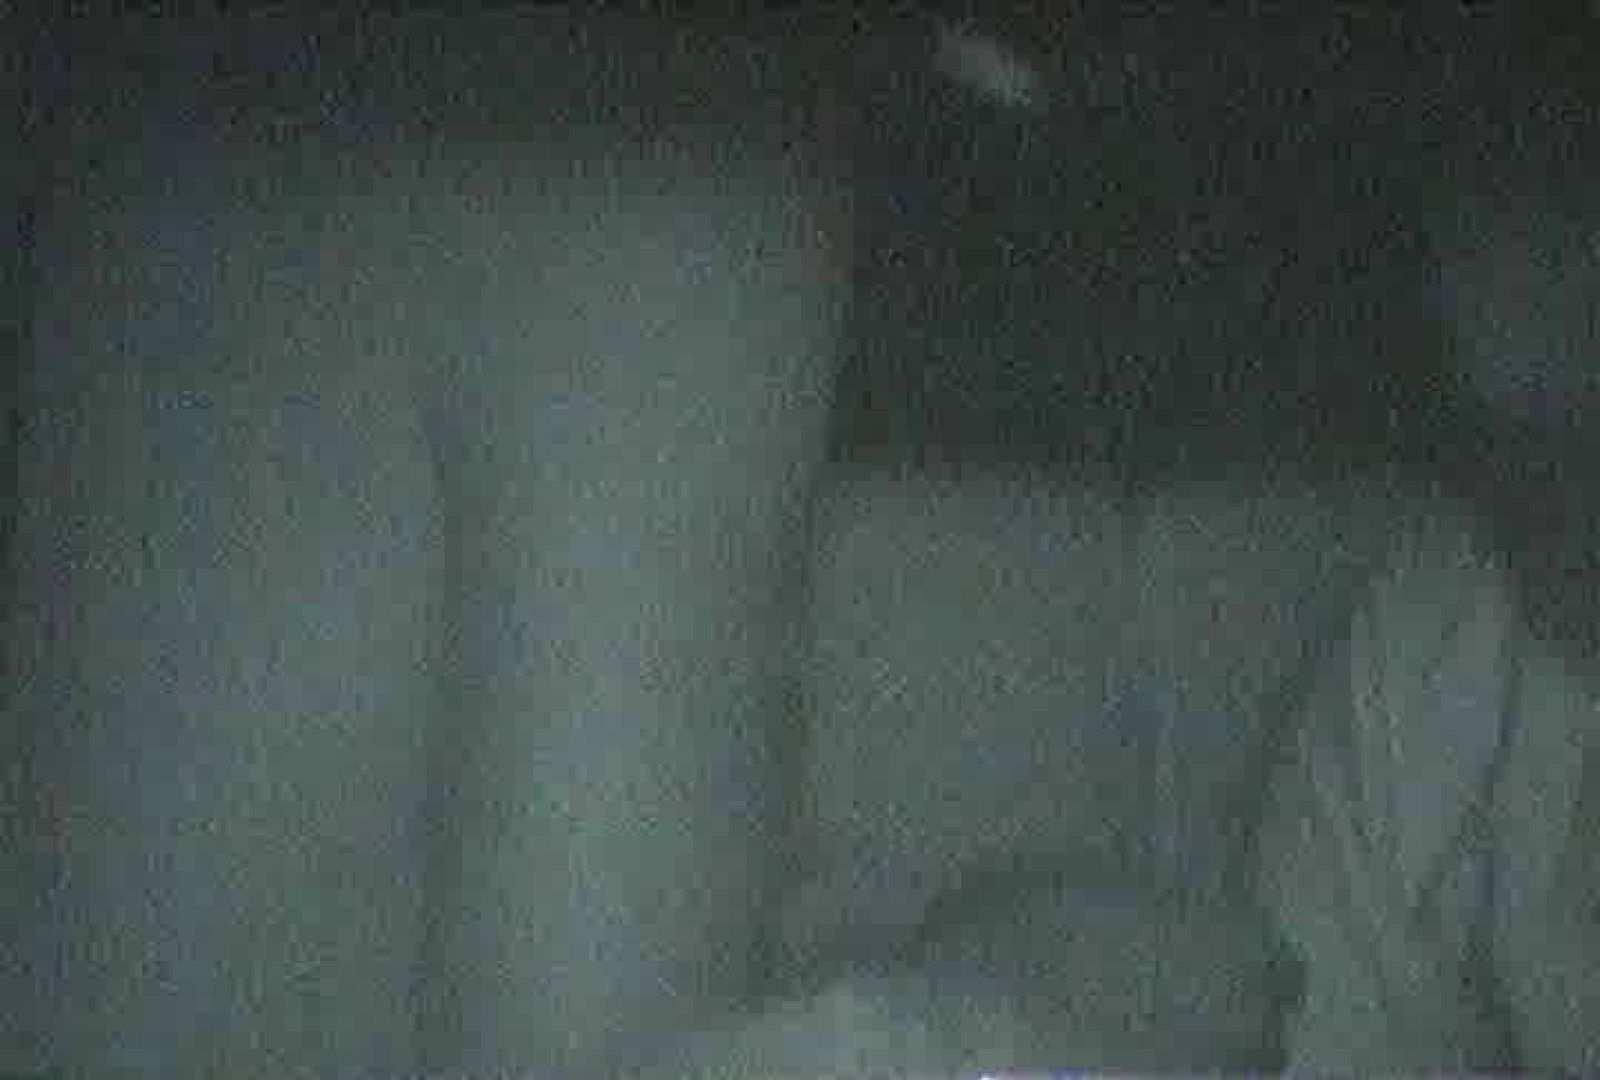 充血監督の深夜の運動会Vol.85 エロティックなOL ぱこり動画紹介 100画像 89